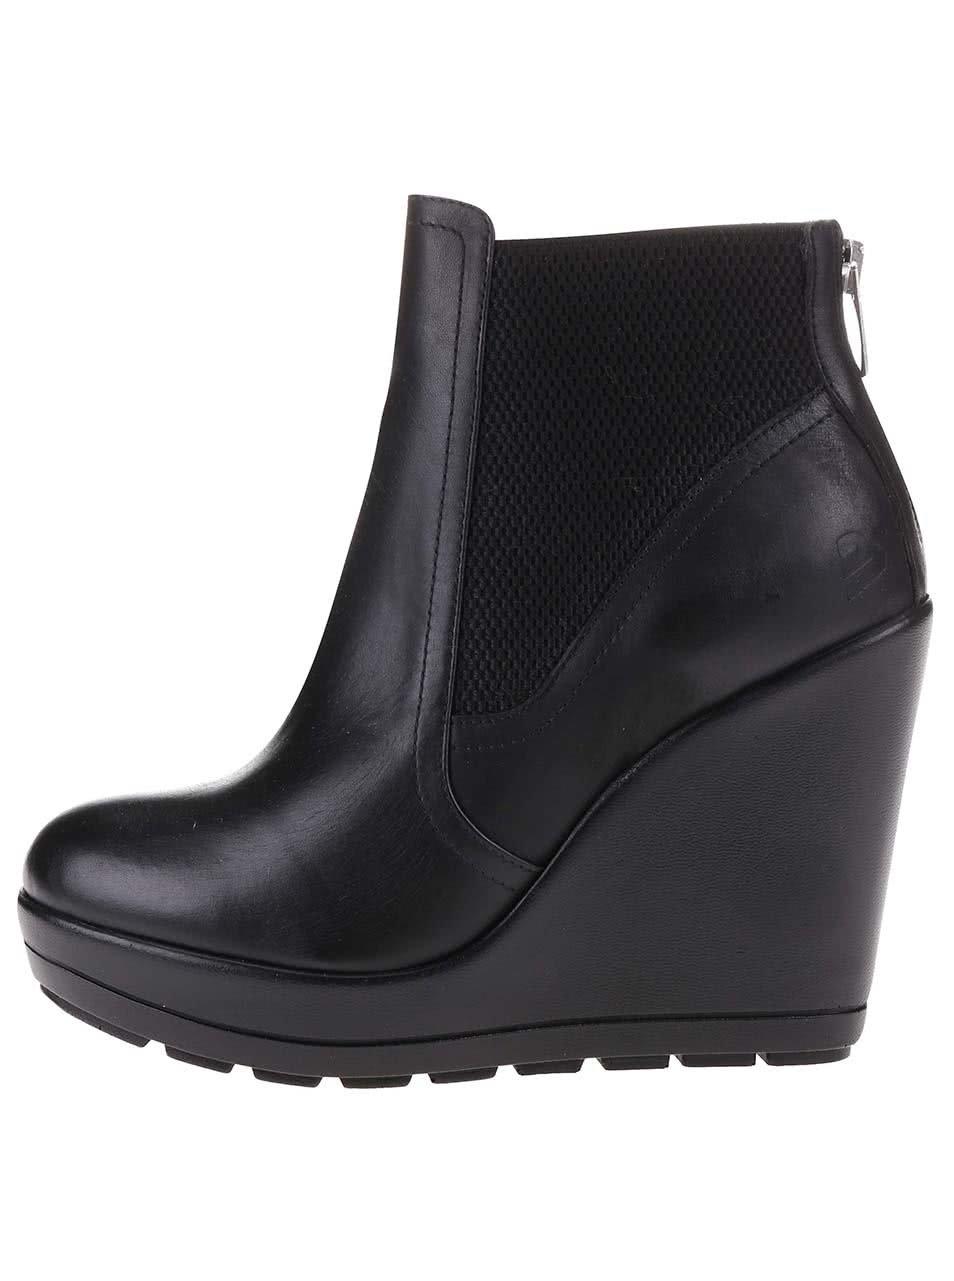 126bf73b35 Čierne kožené členkové topánky na platforme Bullboxer ...